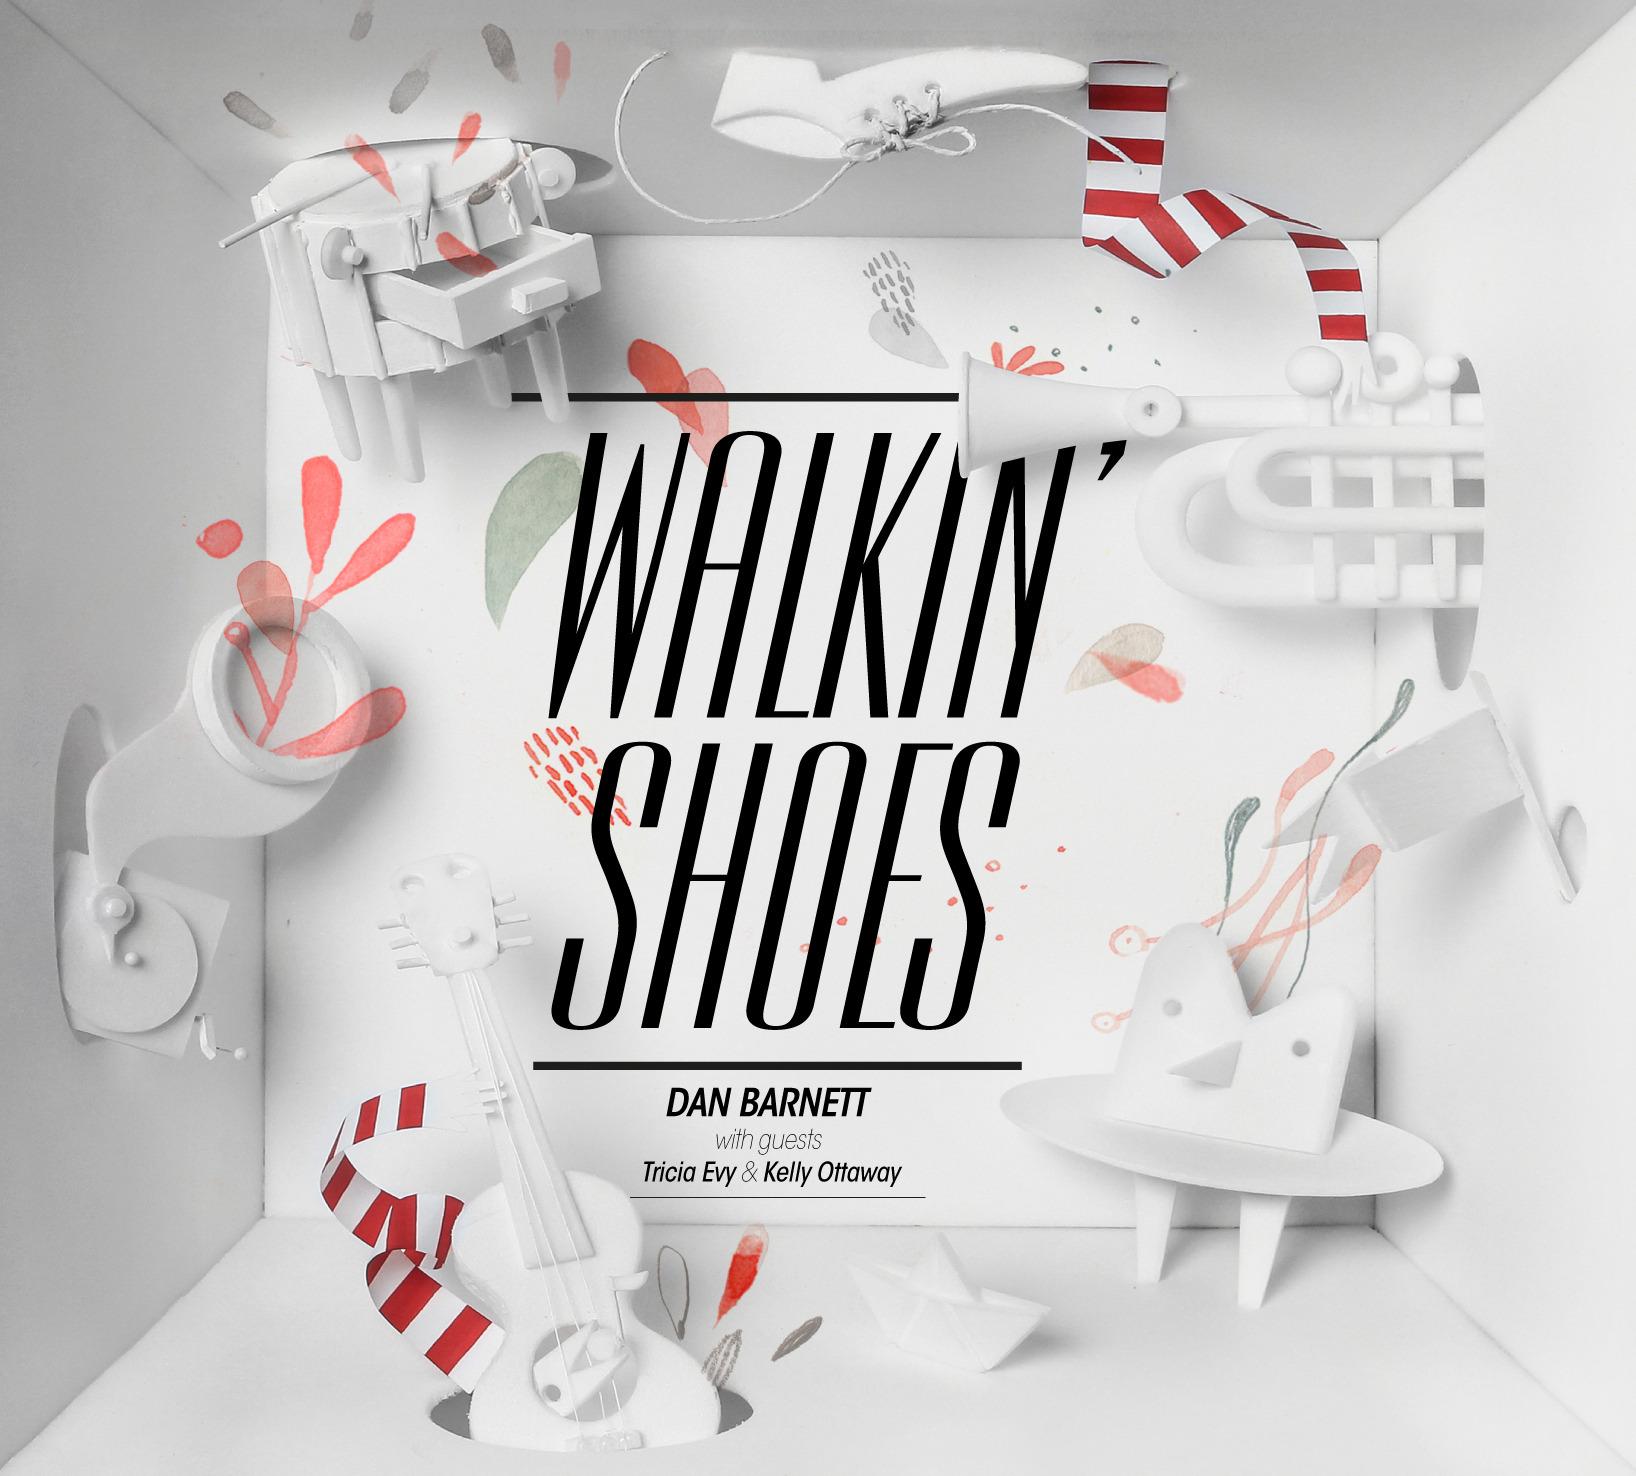 walkin-shoes.jpg